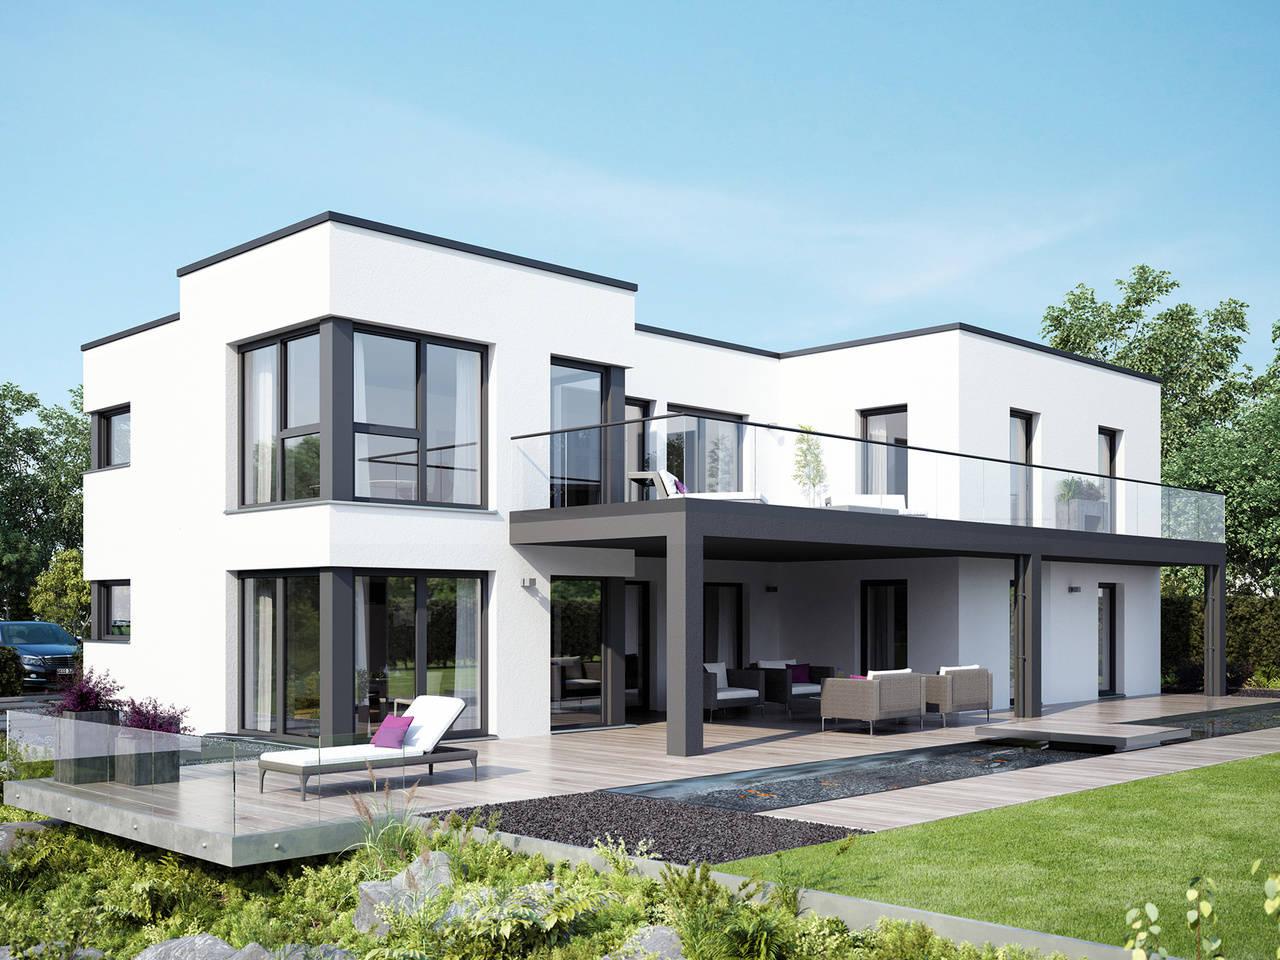 Zweifamilienhaus celebration 282 v7 bien zenker for Modernes haus dachterrasse